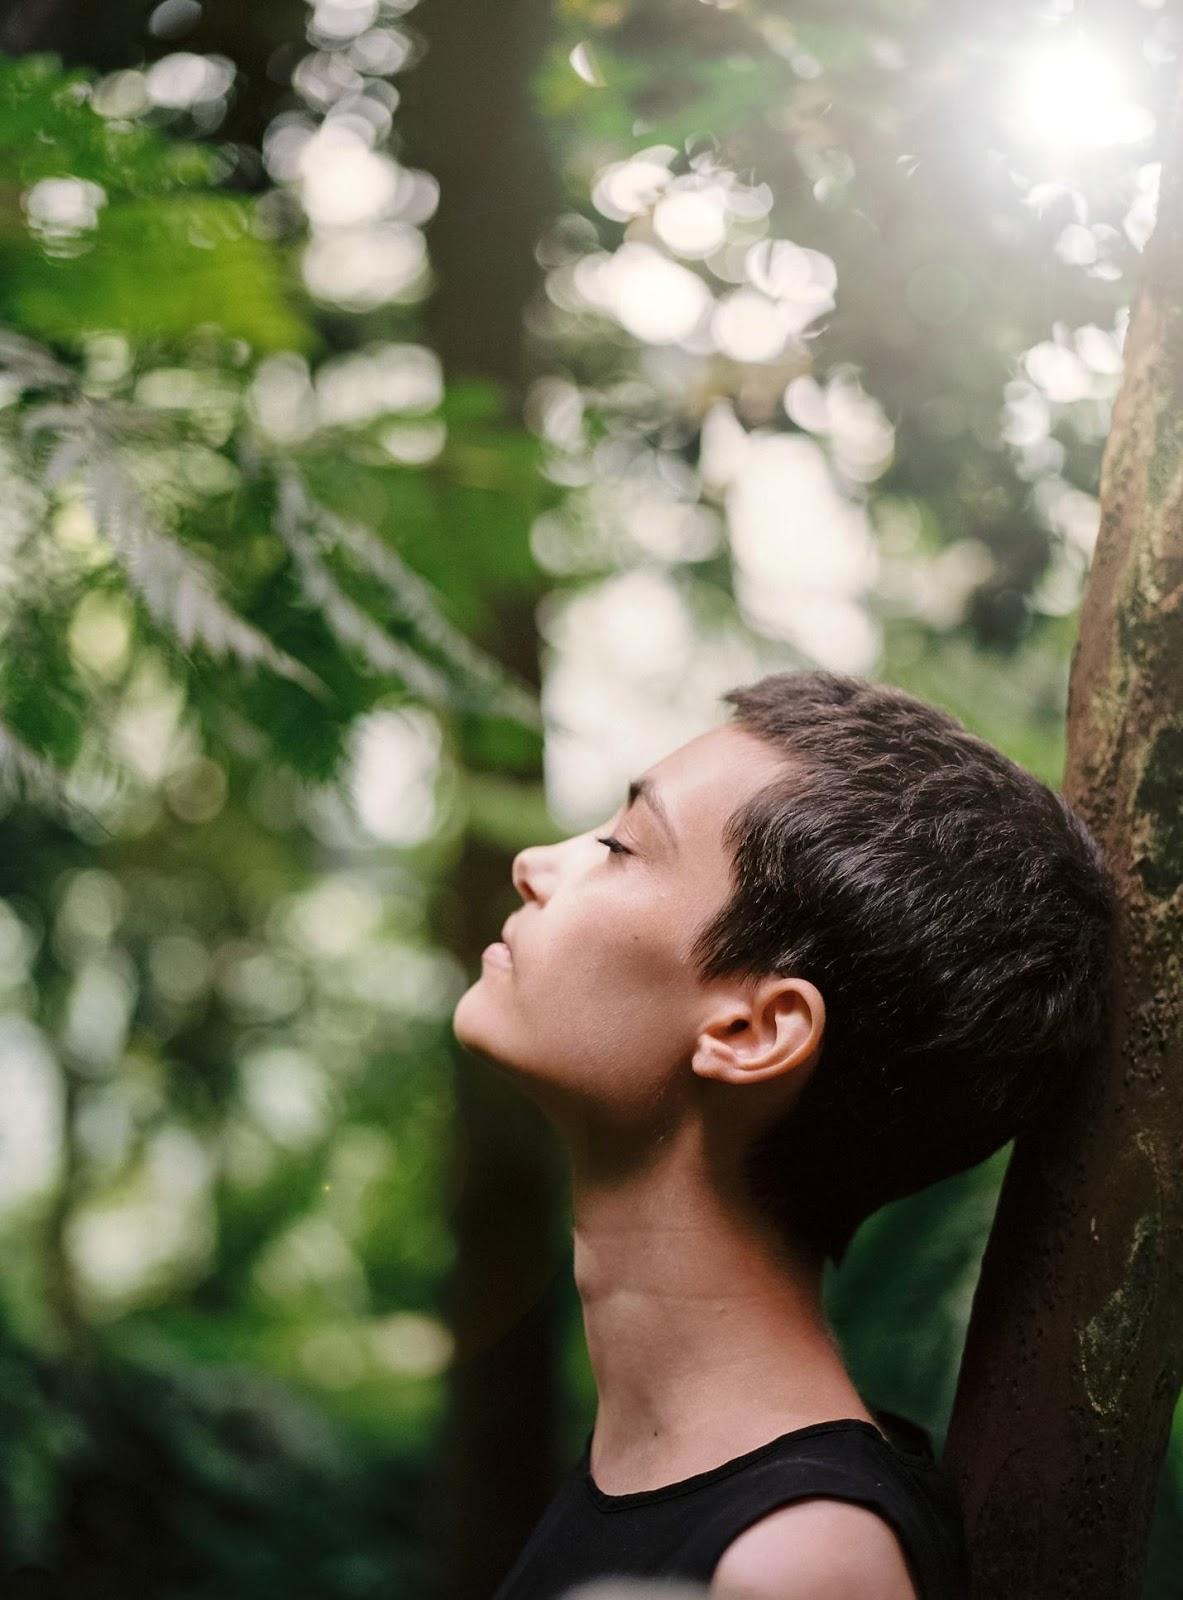 श्वास घेण्याचा योग्य मार्ग